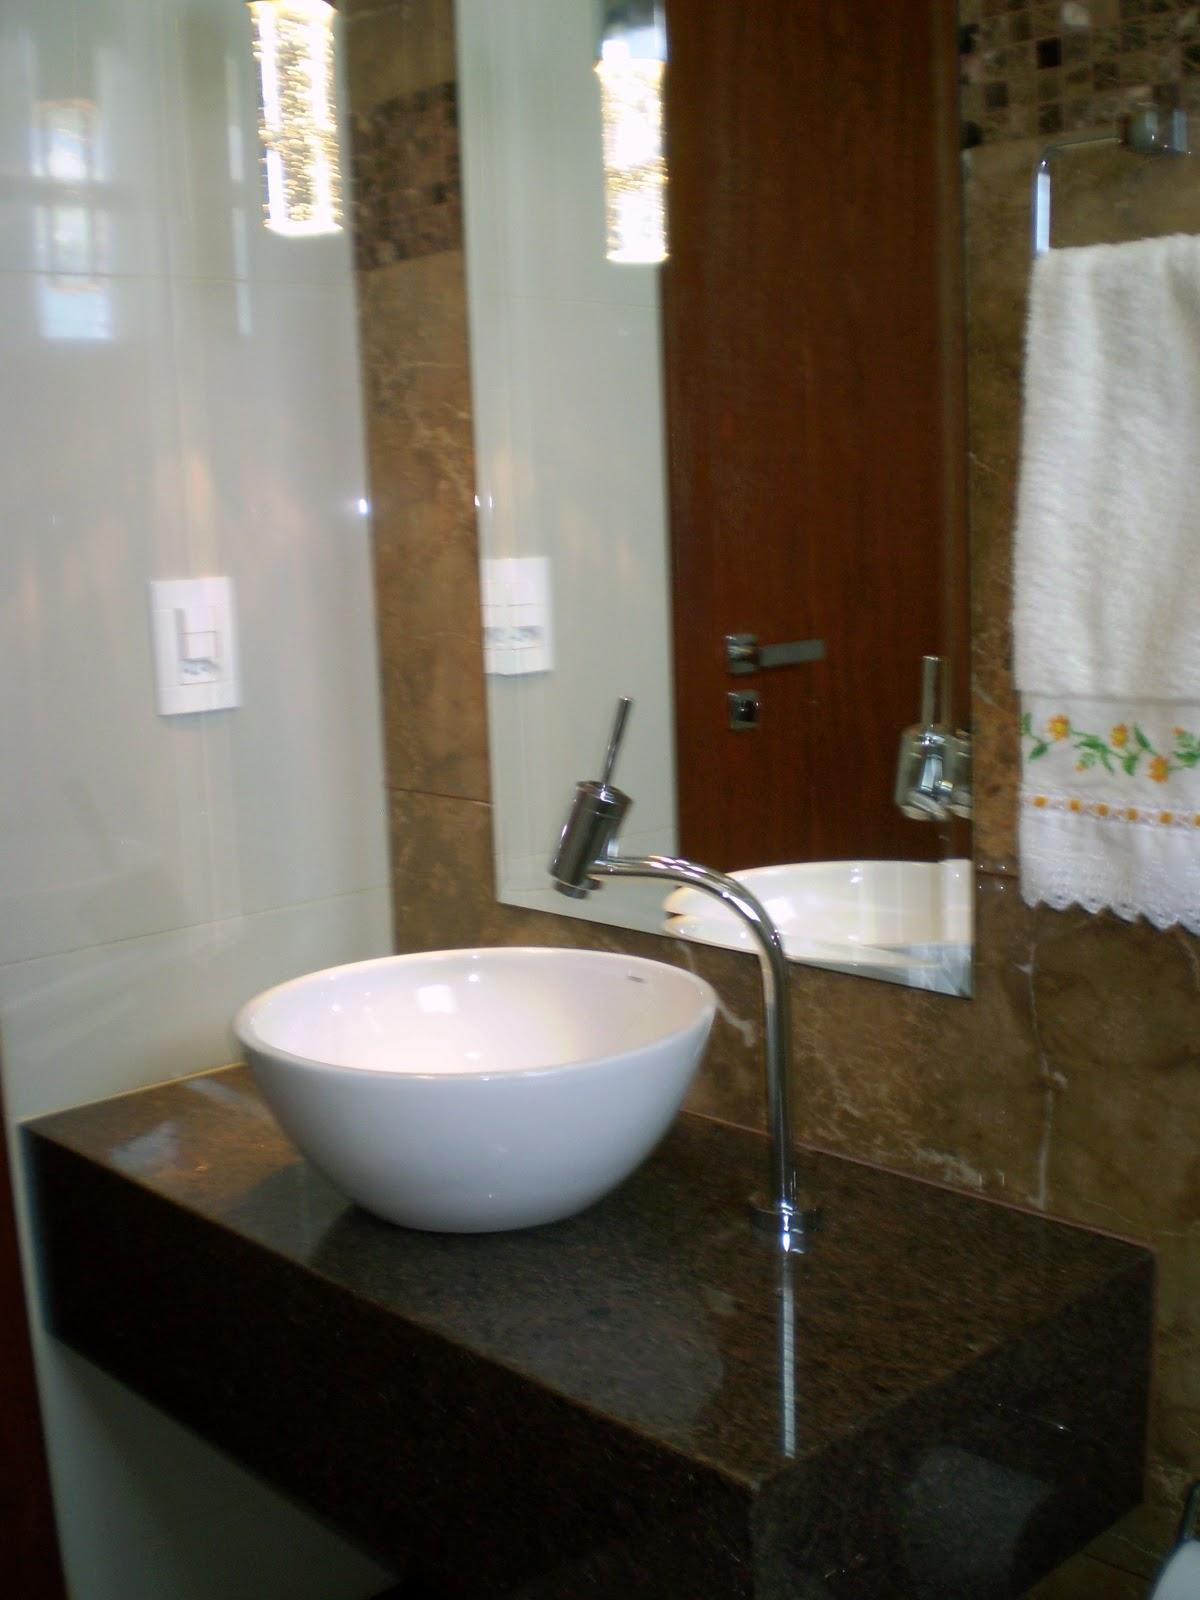 Casa da Áurea: Banheiro Marrom Imperial #2C2010 1200x1600 Banheiro Com Banheira Bege